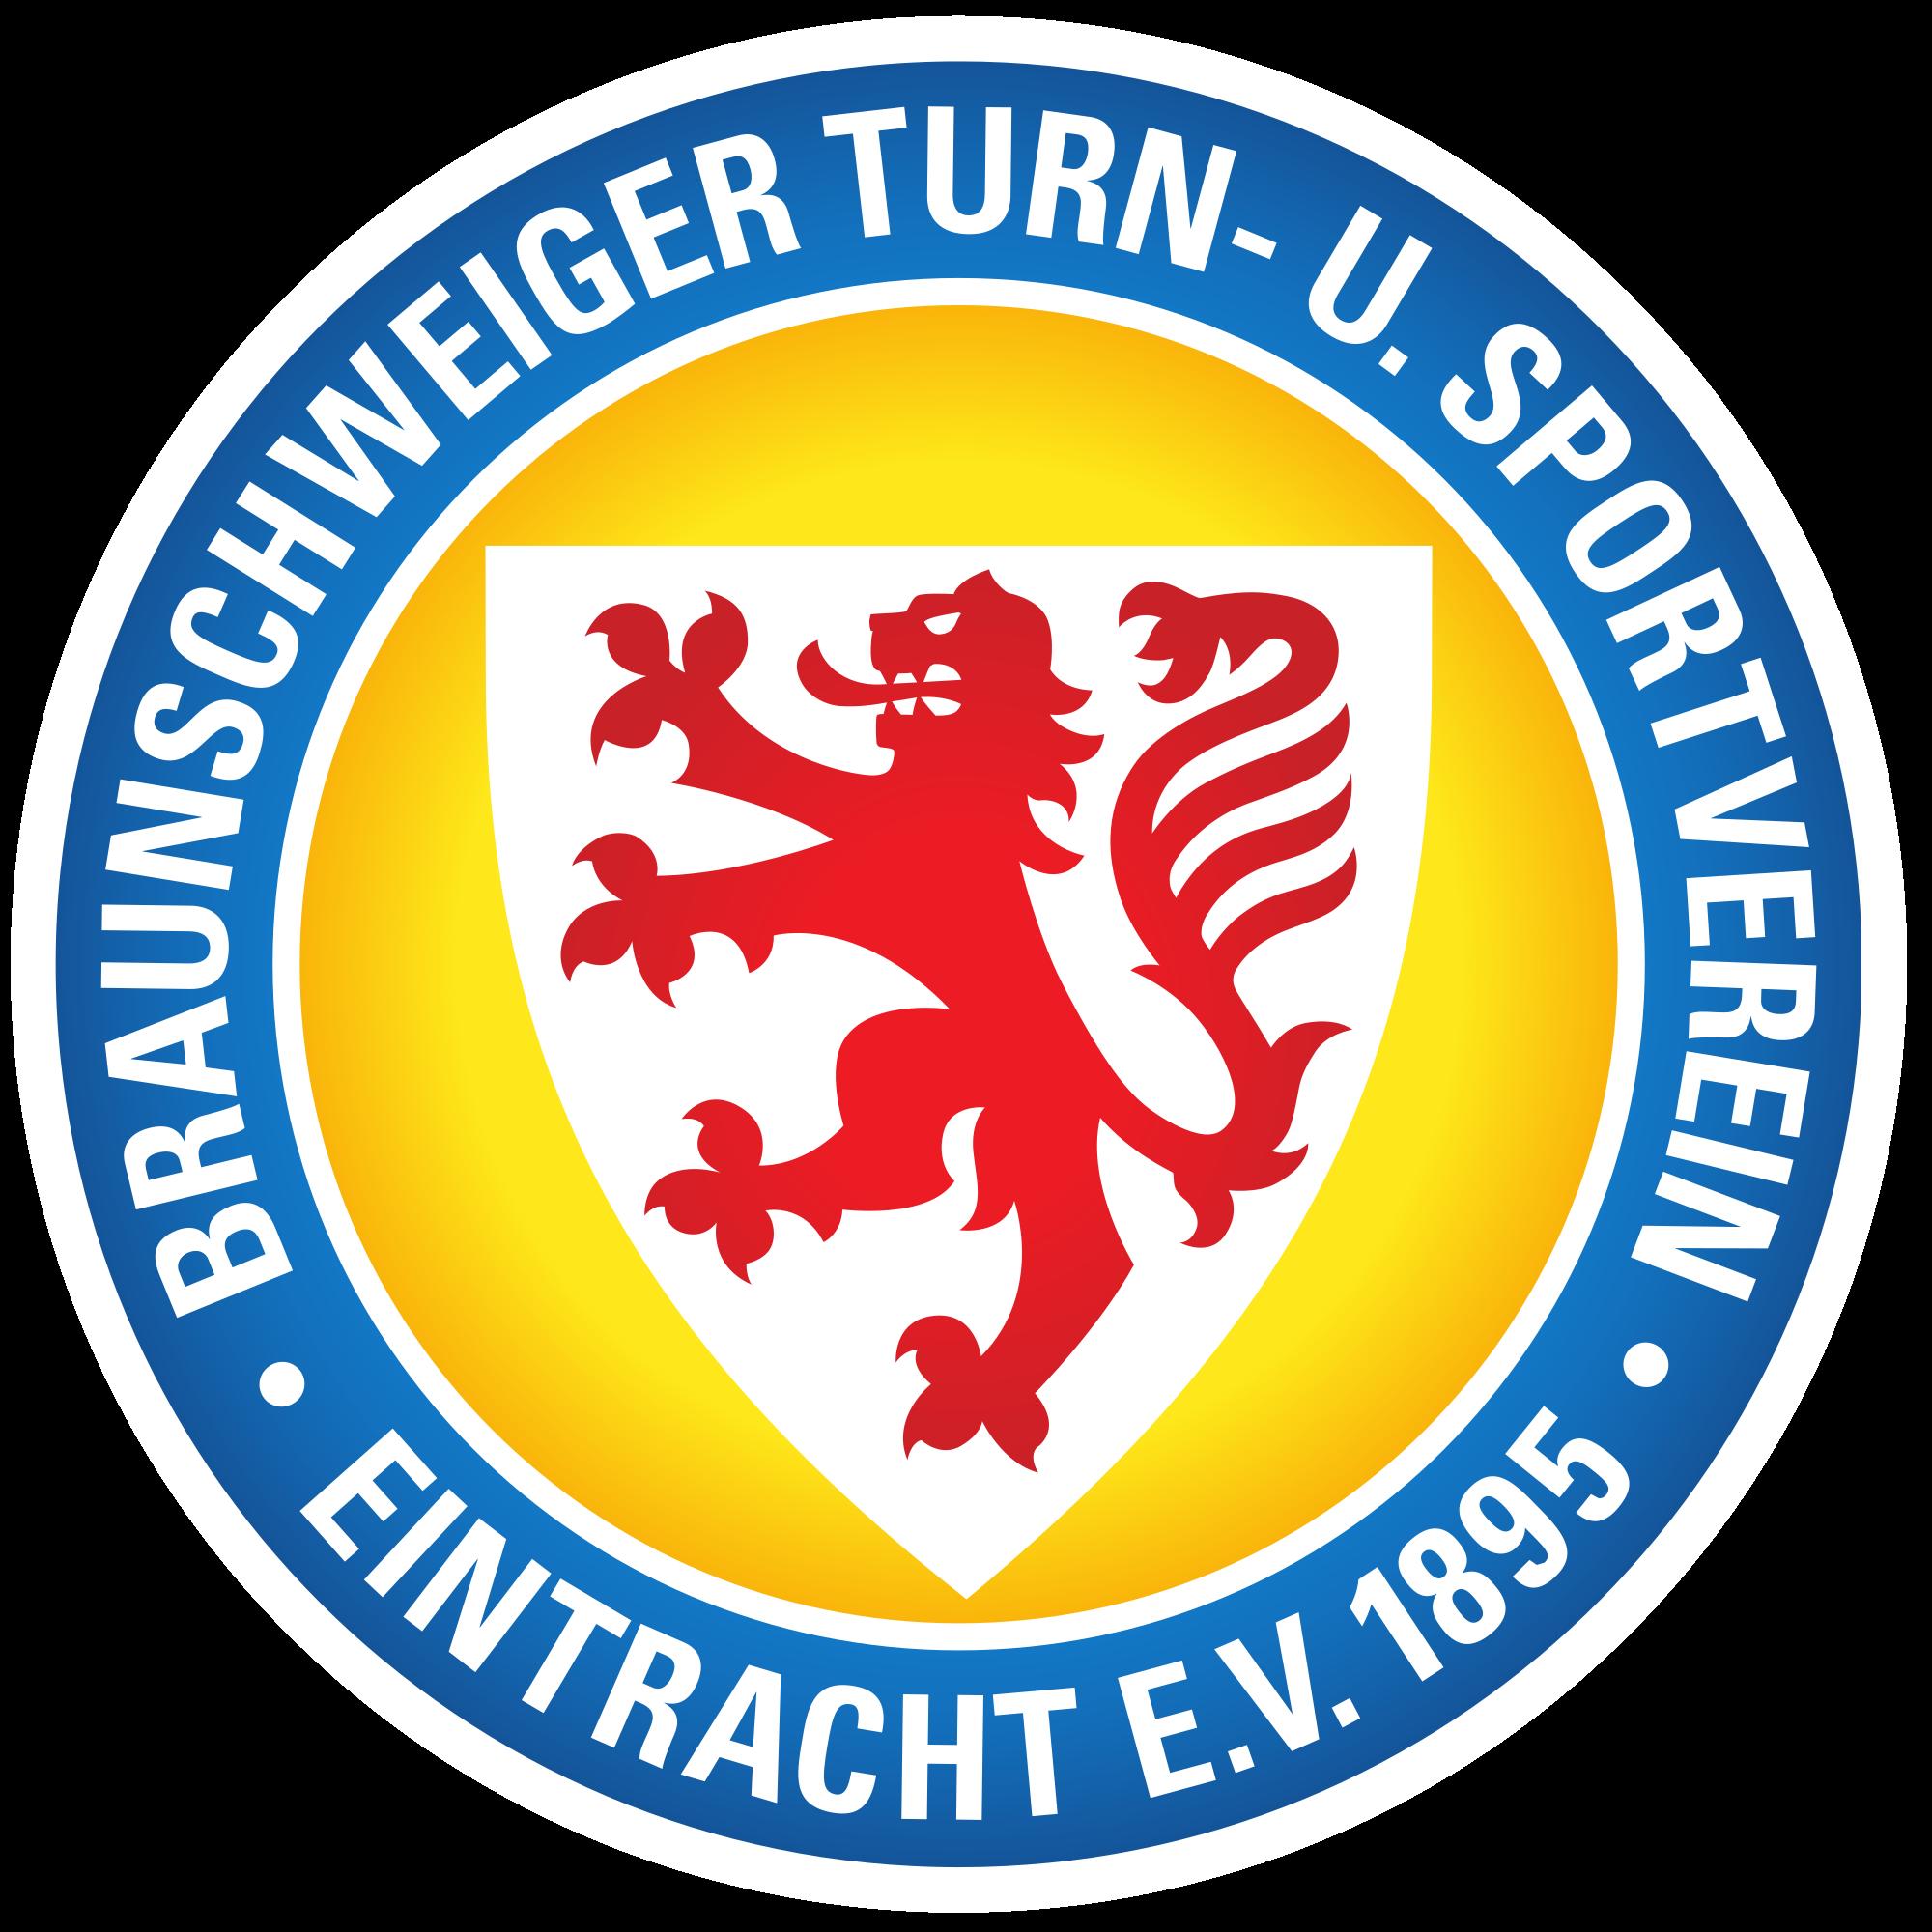 Eintracht Braunschweig Png & Free Eintracht Braunschweig.png Pluspng.com  - Eintracht Logo PNG